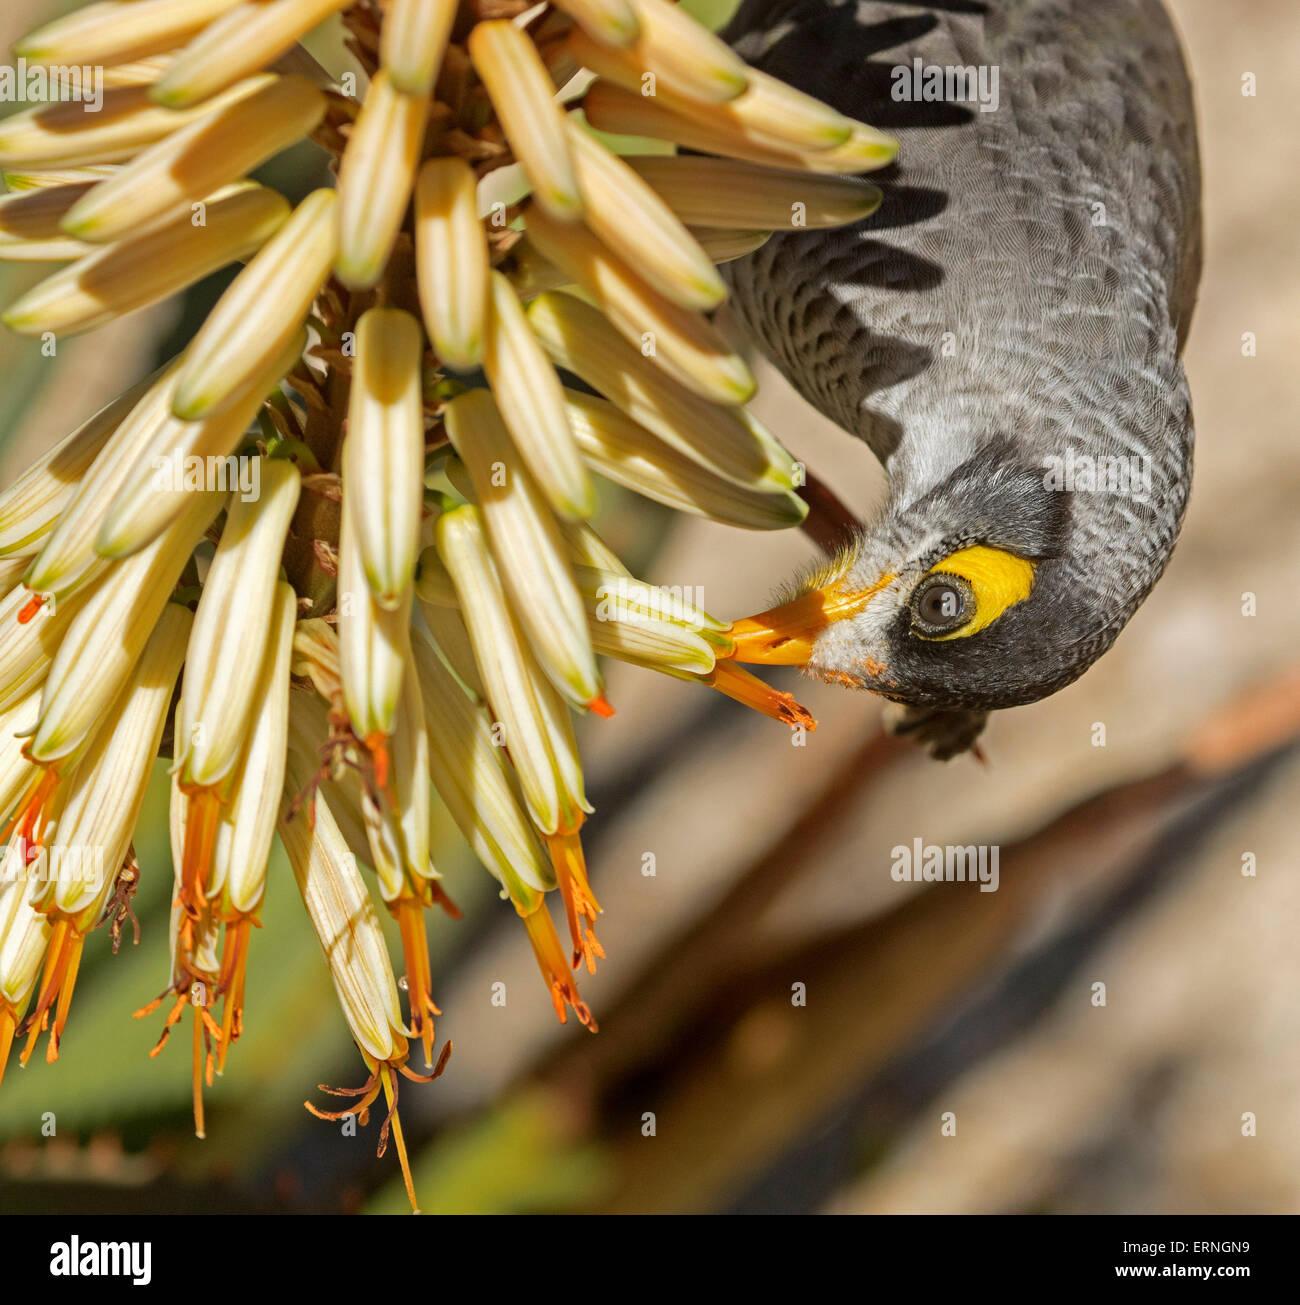 Noisy miner bird, Manorina melanocephala tête en bas se nourrissant de fleurs tubulaires crème d'aloès Photo Stock